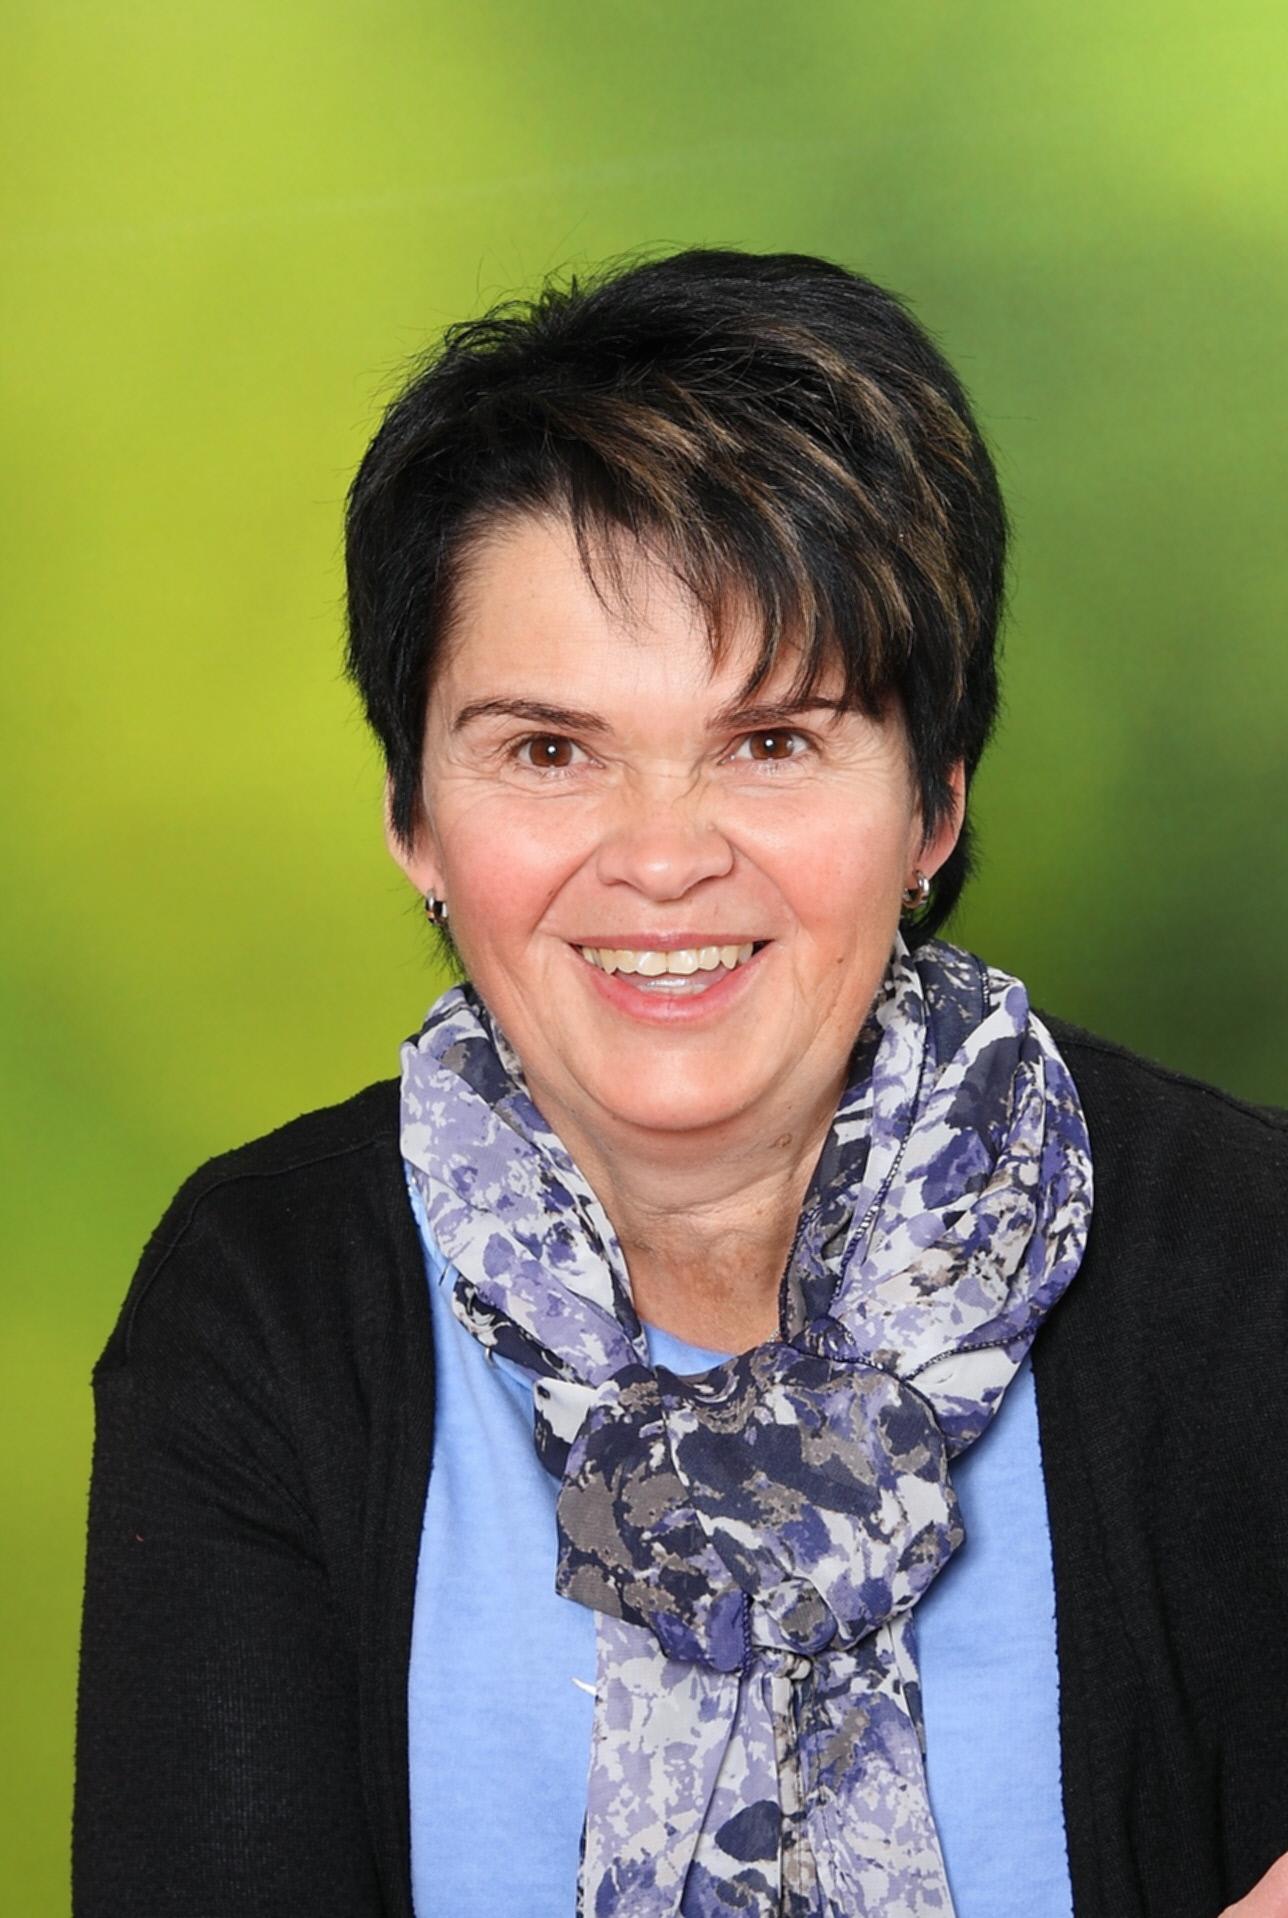 Gertrude Fasch